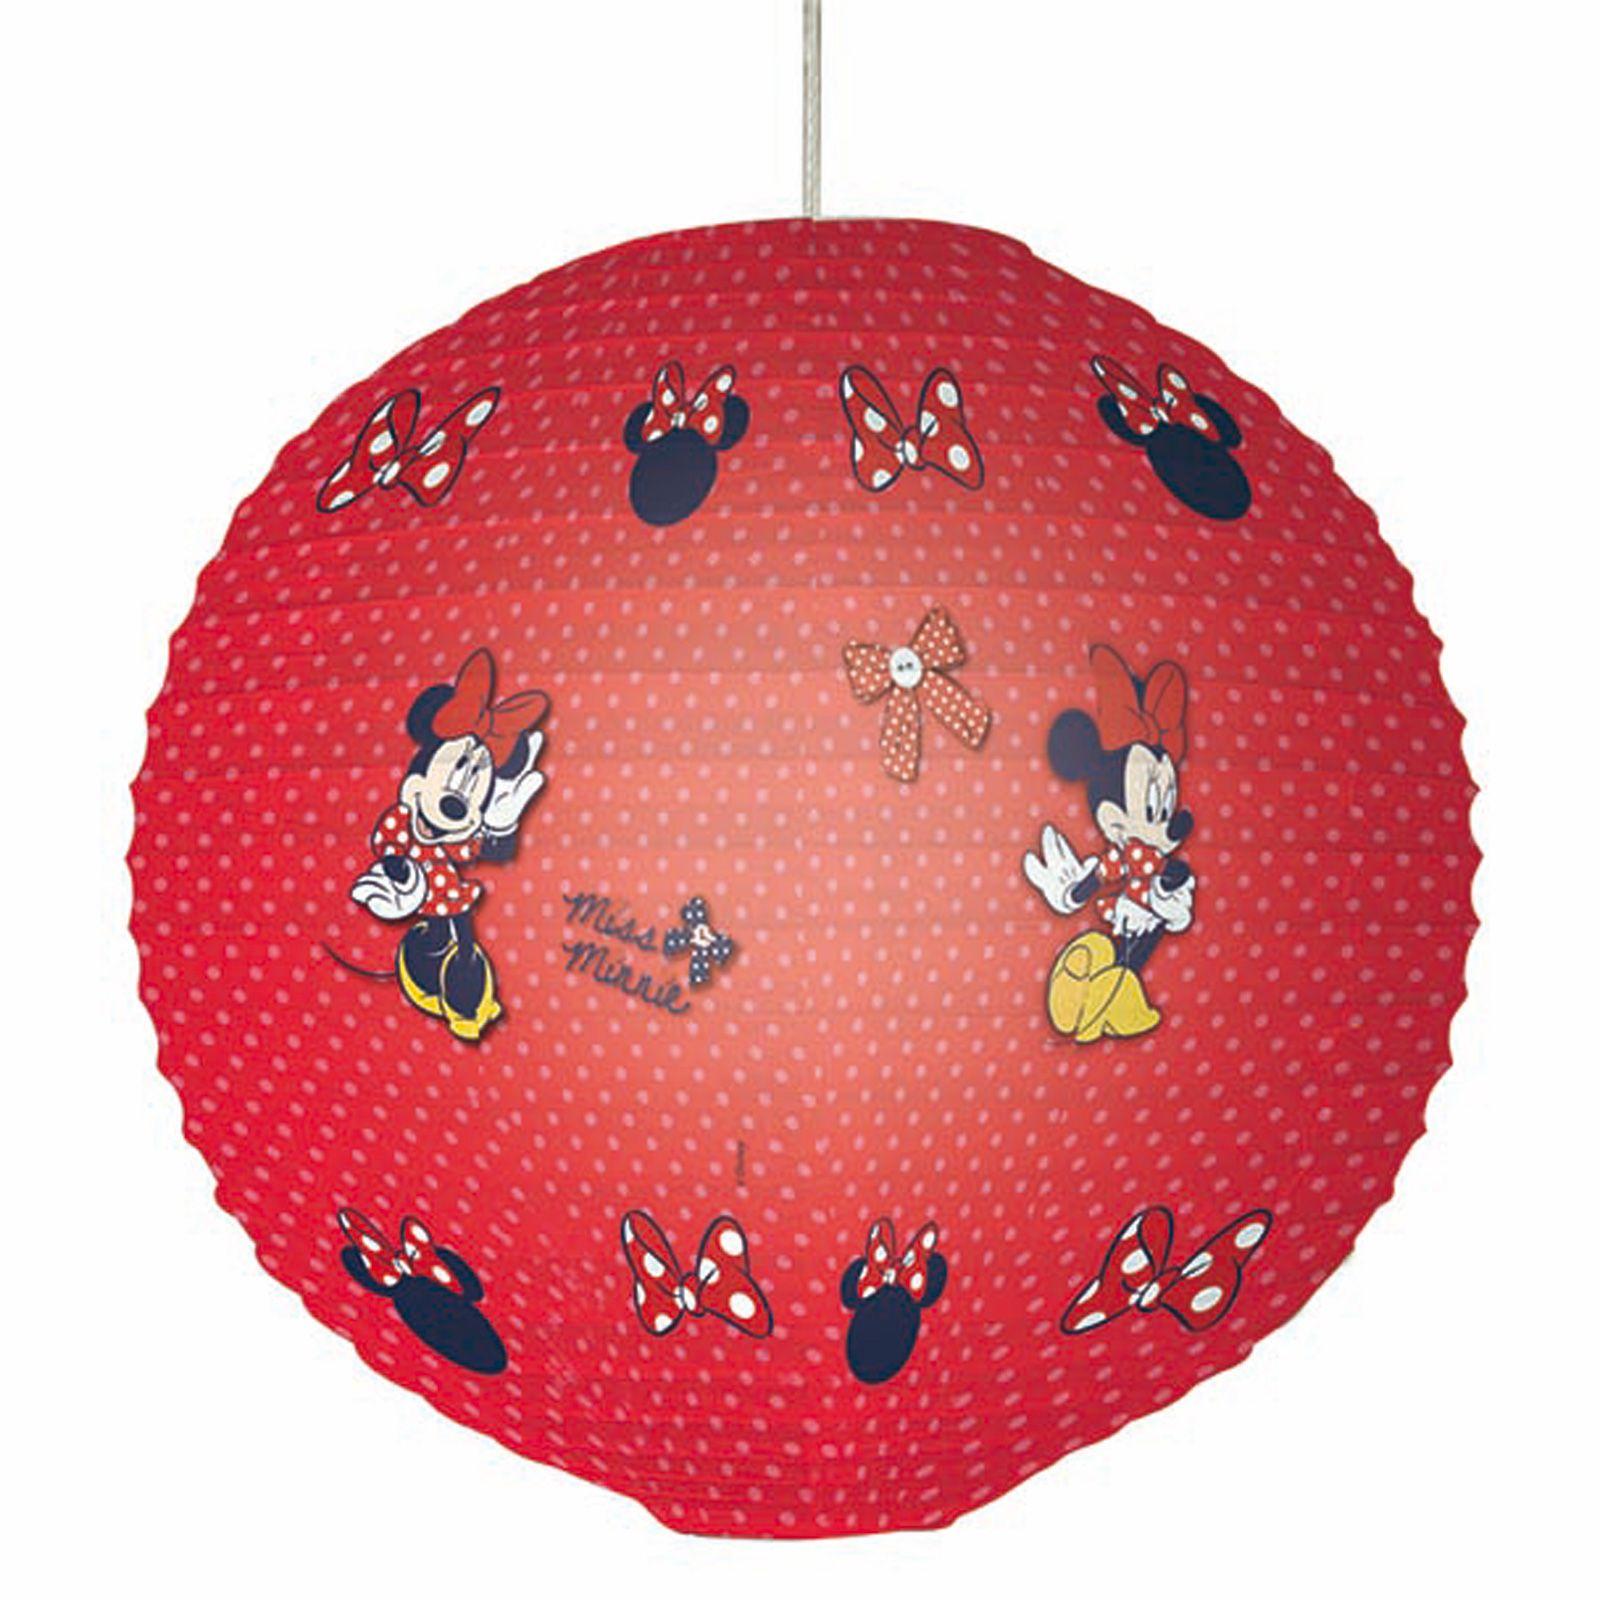 Minnie Mouse Papier Nuance Lampe Lanterne 100 Officielle